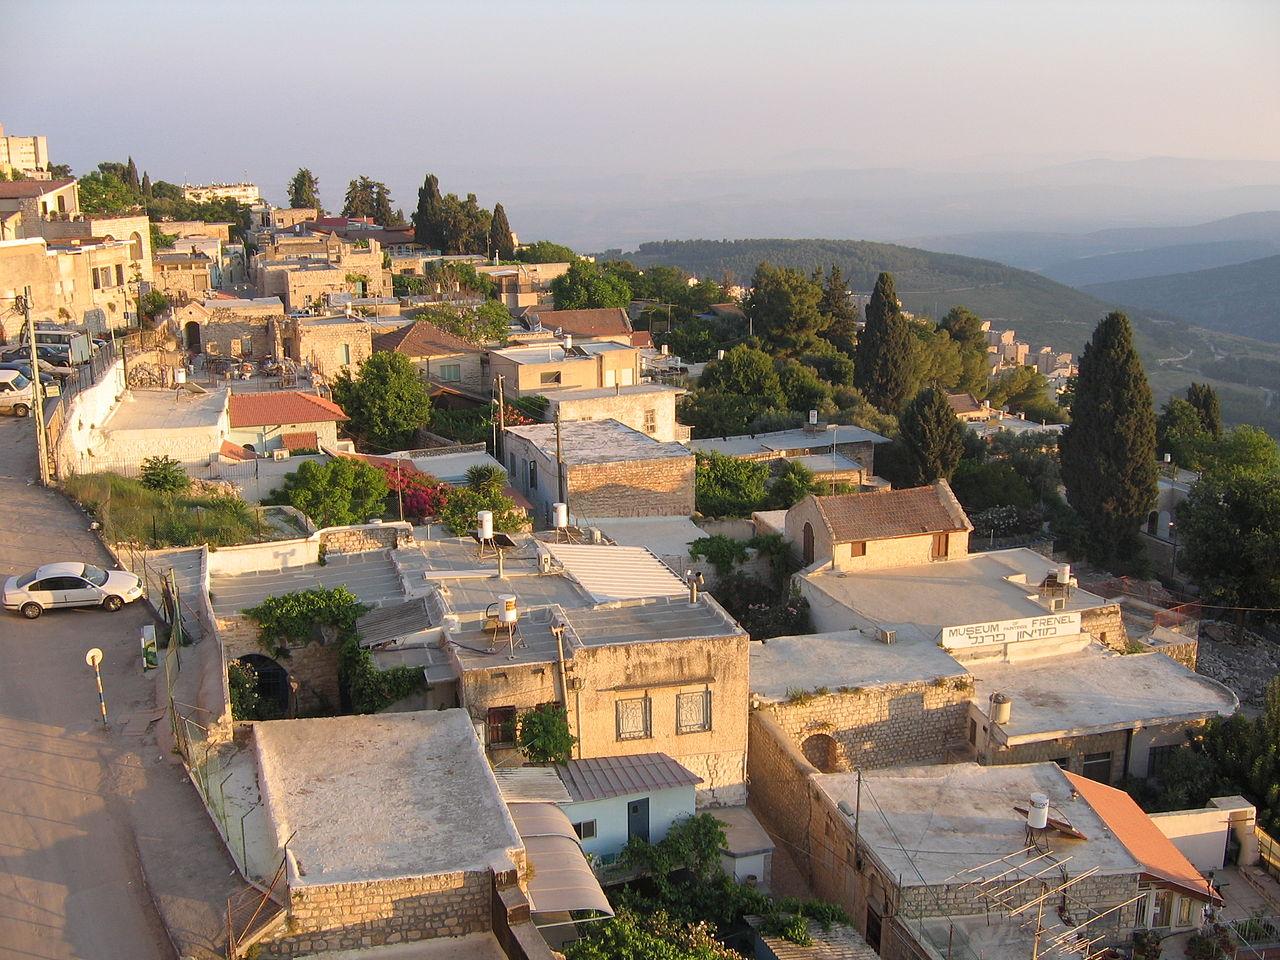 Wohnviertel in Safed